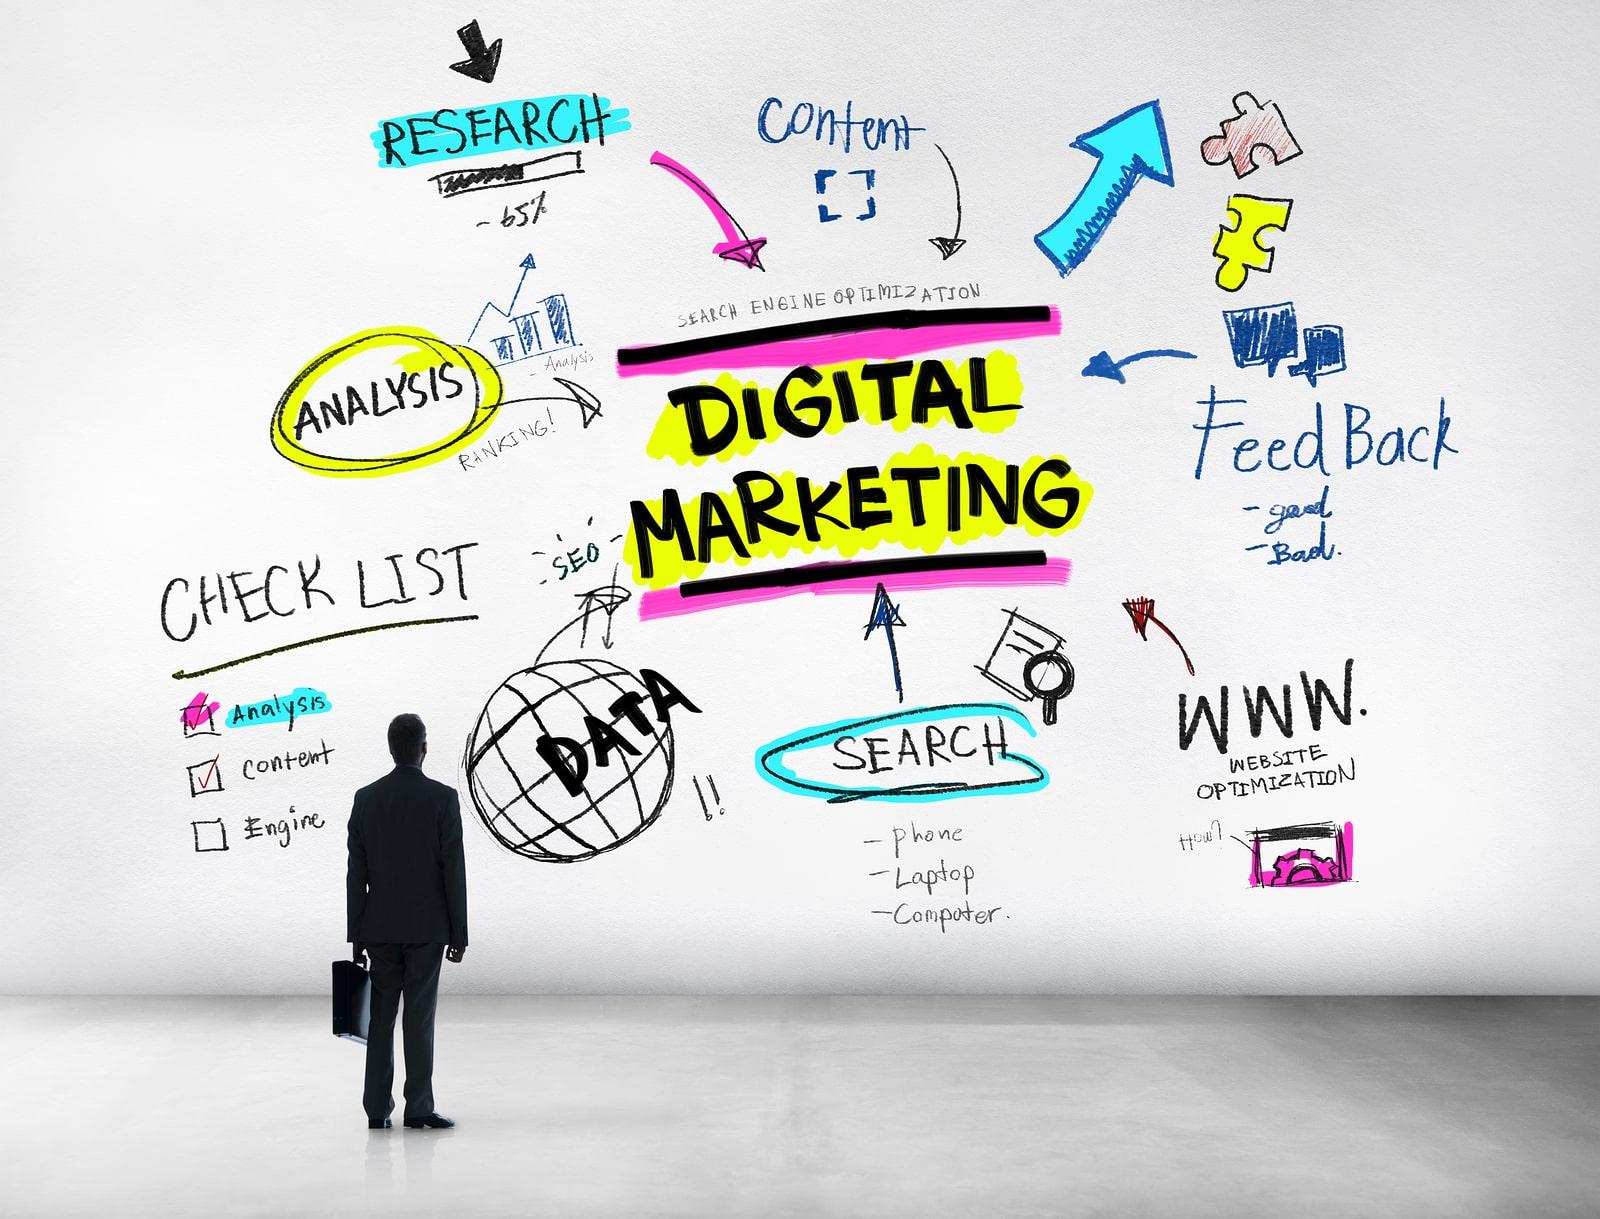 5 Myths about Digital Marketing